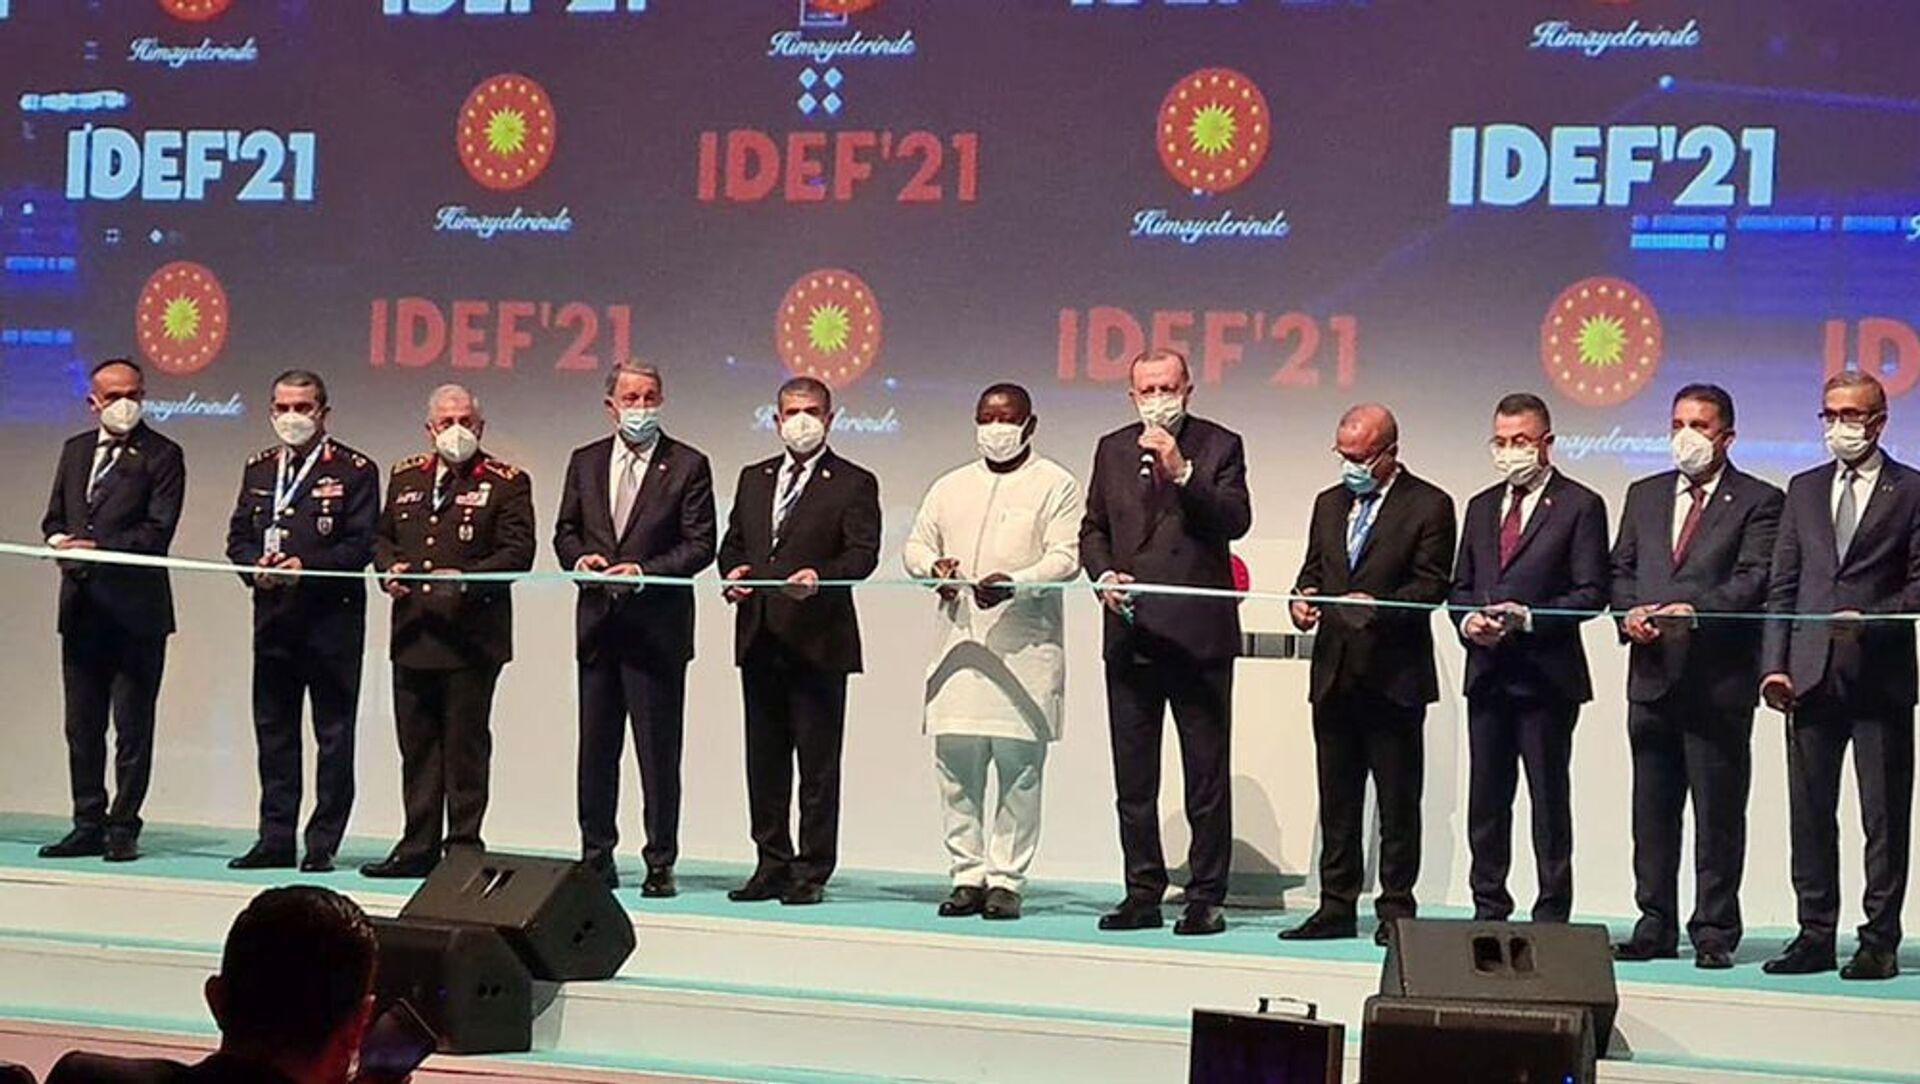 """Müdafiə naziri """"IDEF-2021"""" sərgisinin açılış mərasimində iştirak edib - Sputnik Азербайджан, 1920, 17.08.2021"""